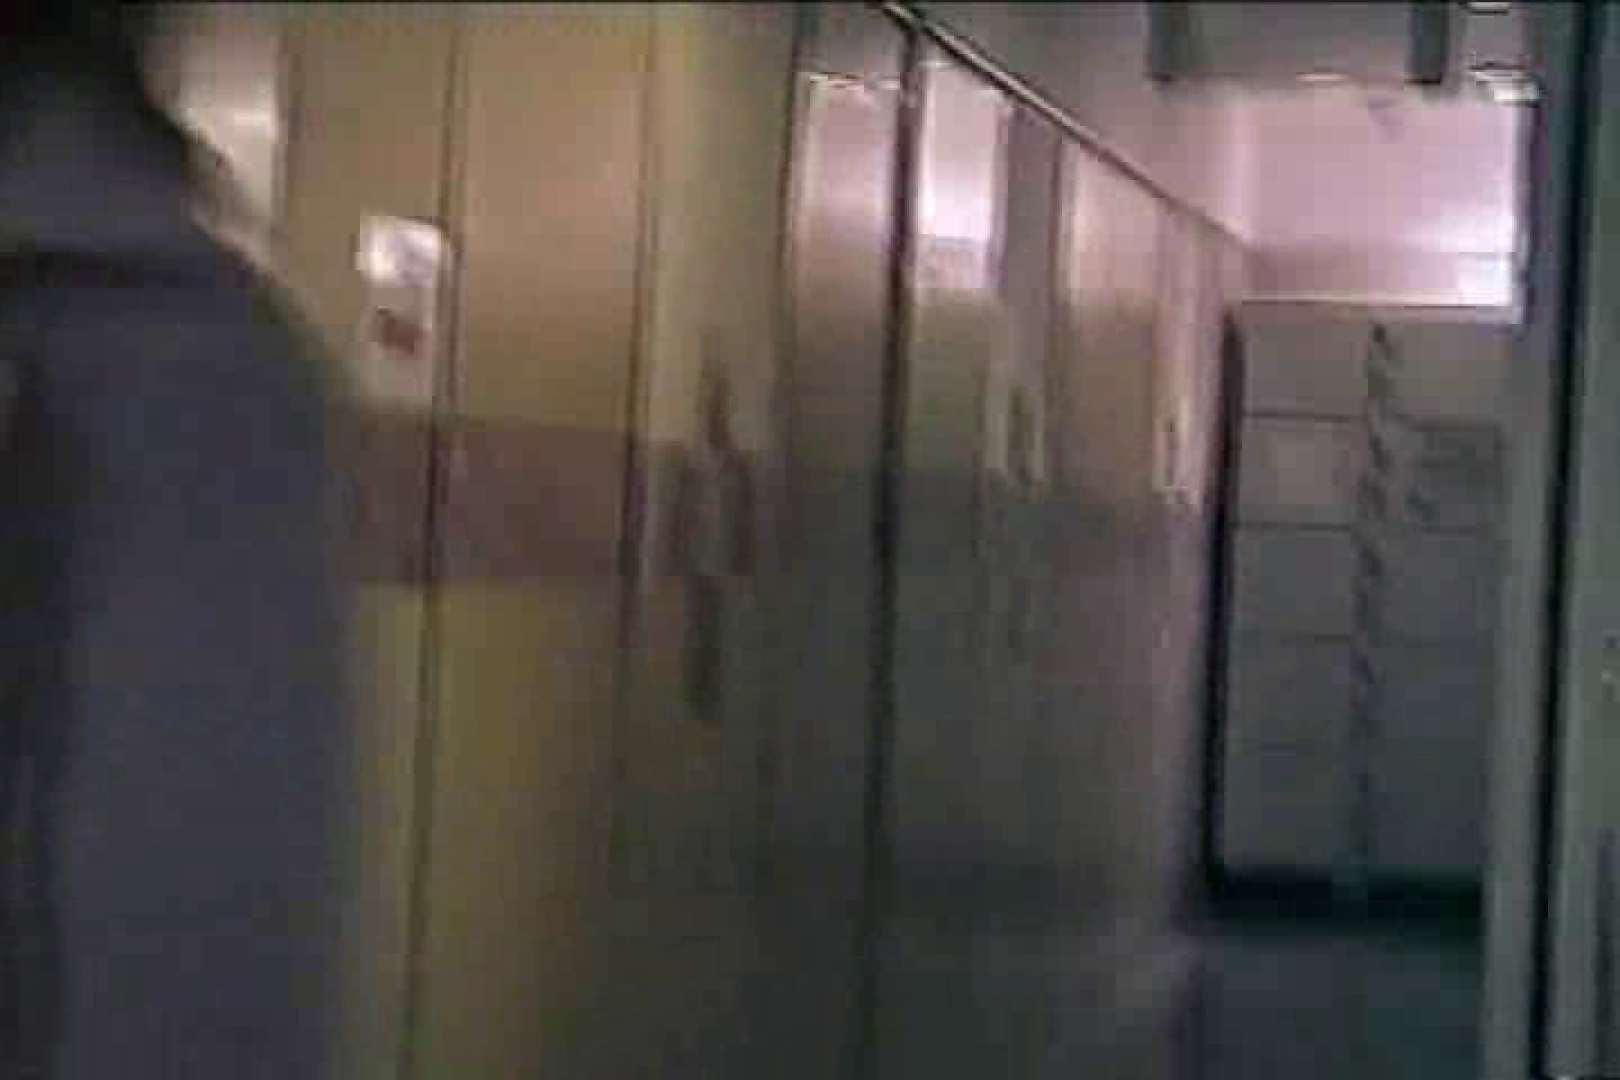 門外不出デパート洗面所 No.5 盗撮特集 | 名作  61画像 43